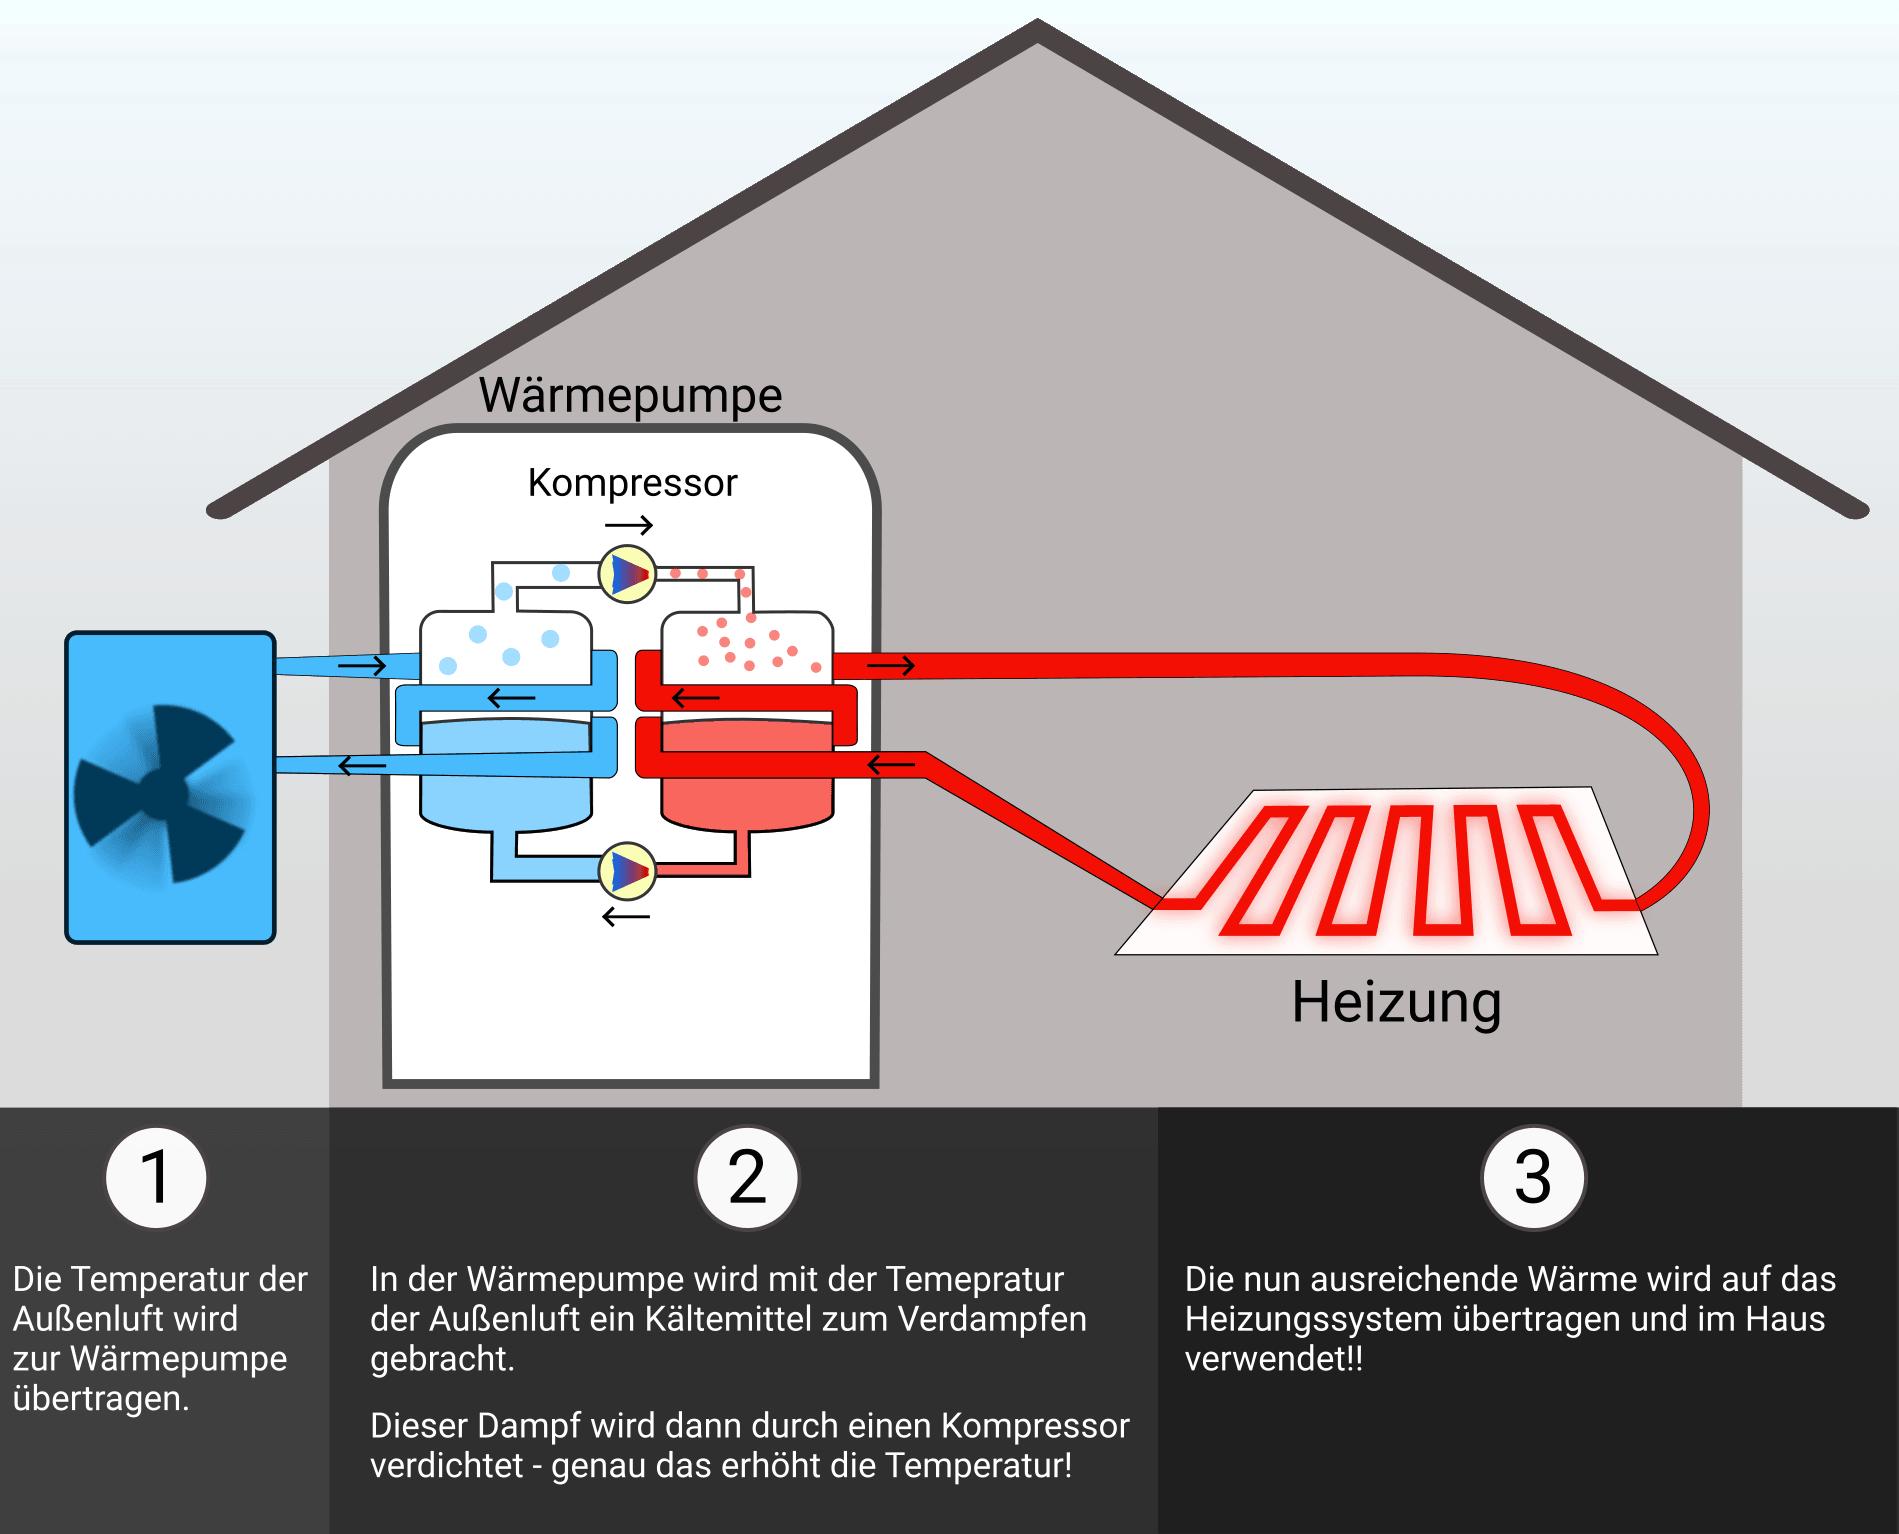 4 Tipps Luftwarmepumpen In 2019 Erfolgreich Zu Planen Luft Wasser Warmepumpe Luft Warmepumpe Warme